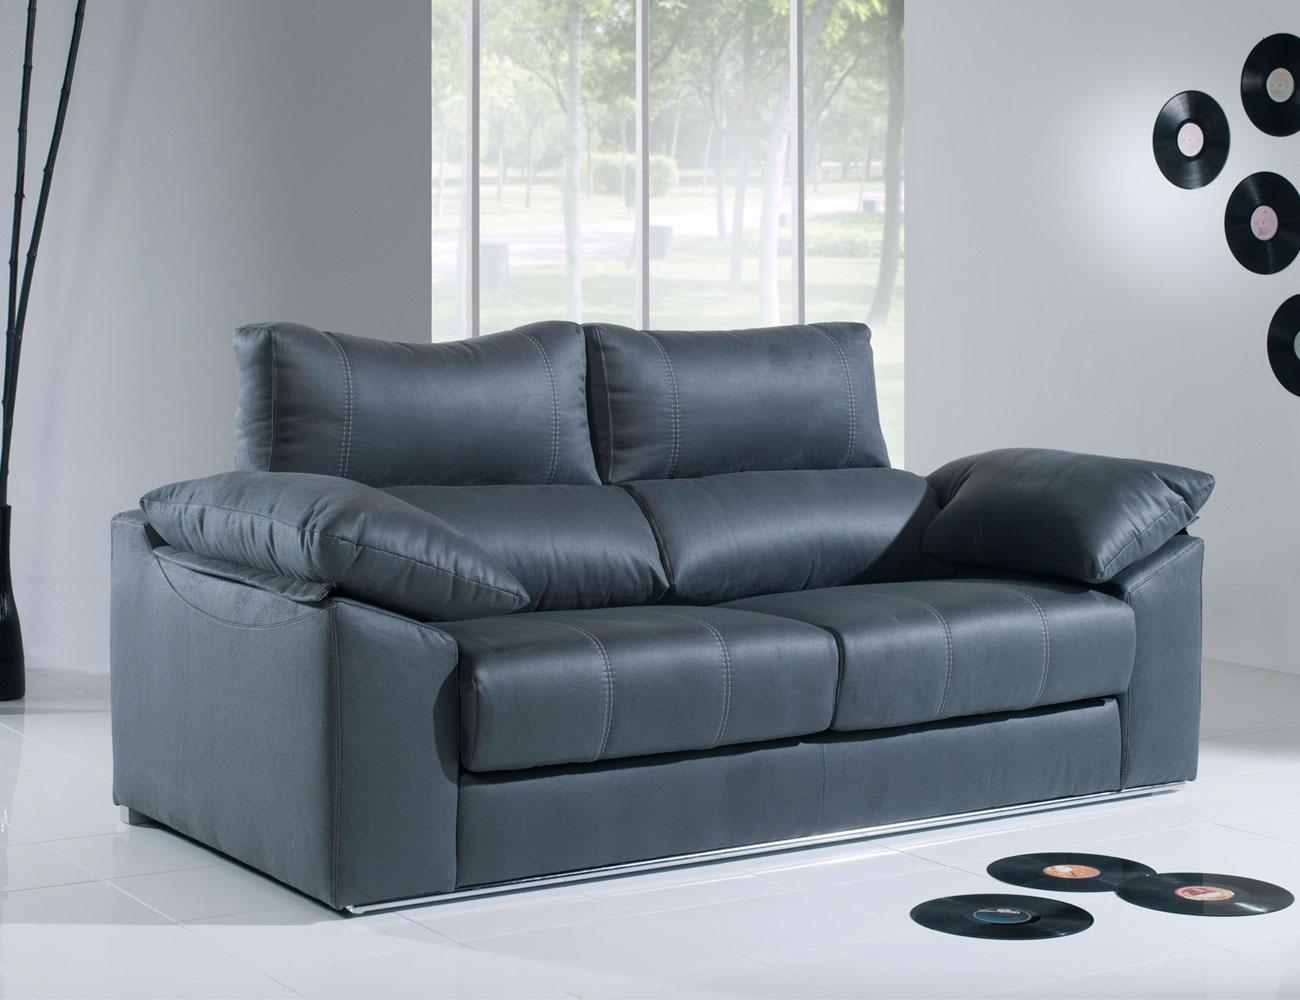 Sofa 3 plazas moderno con barra3